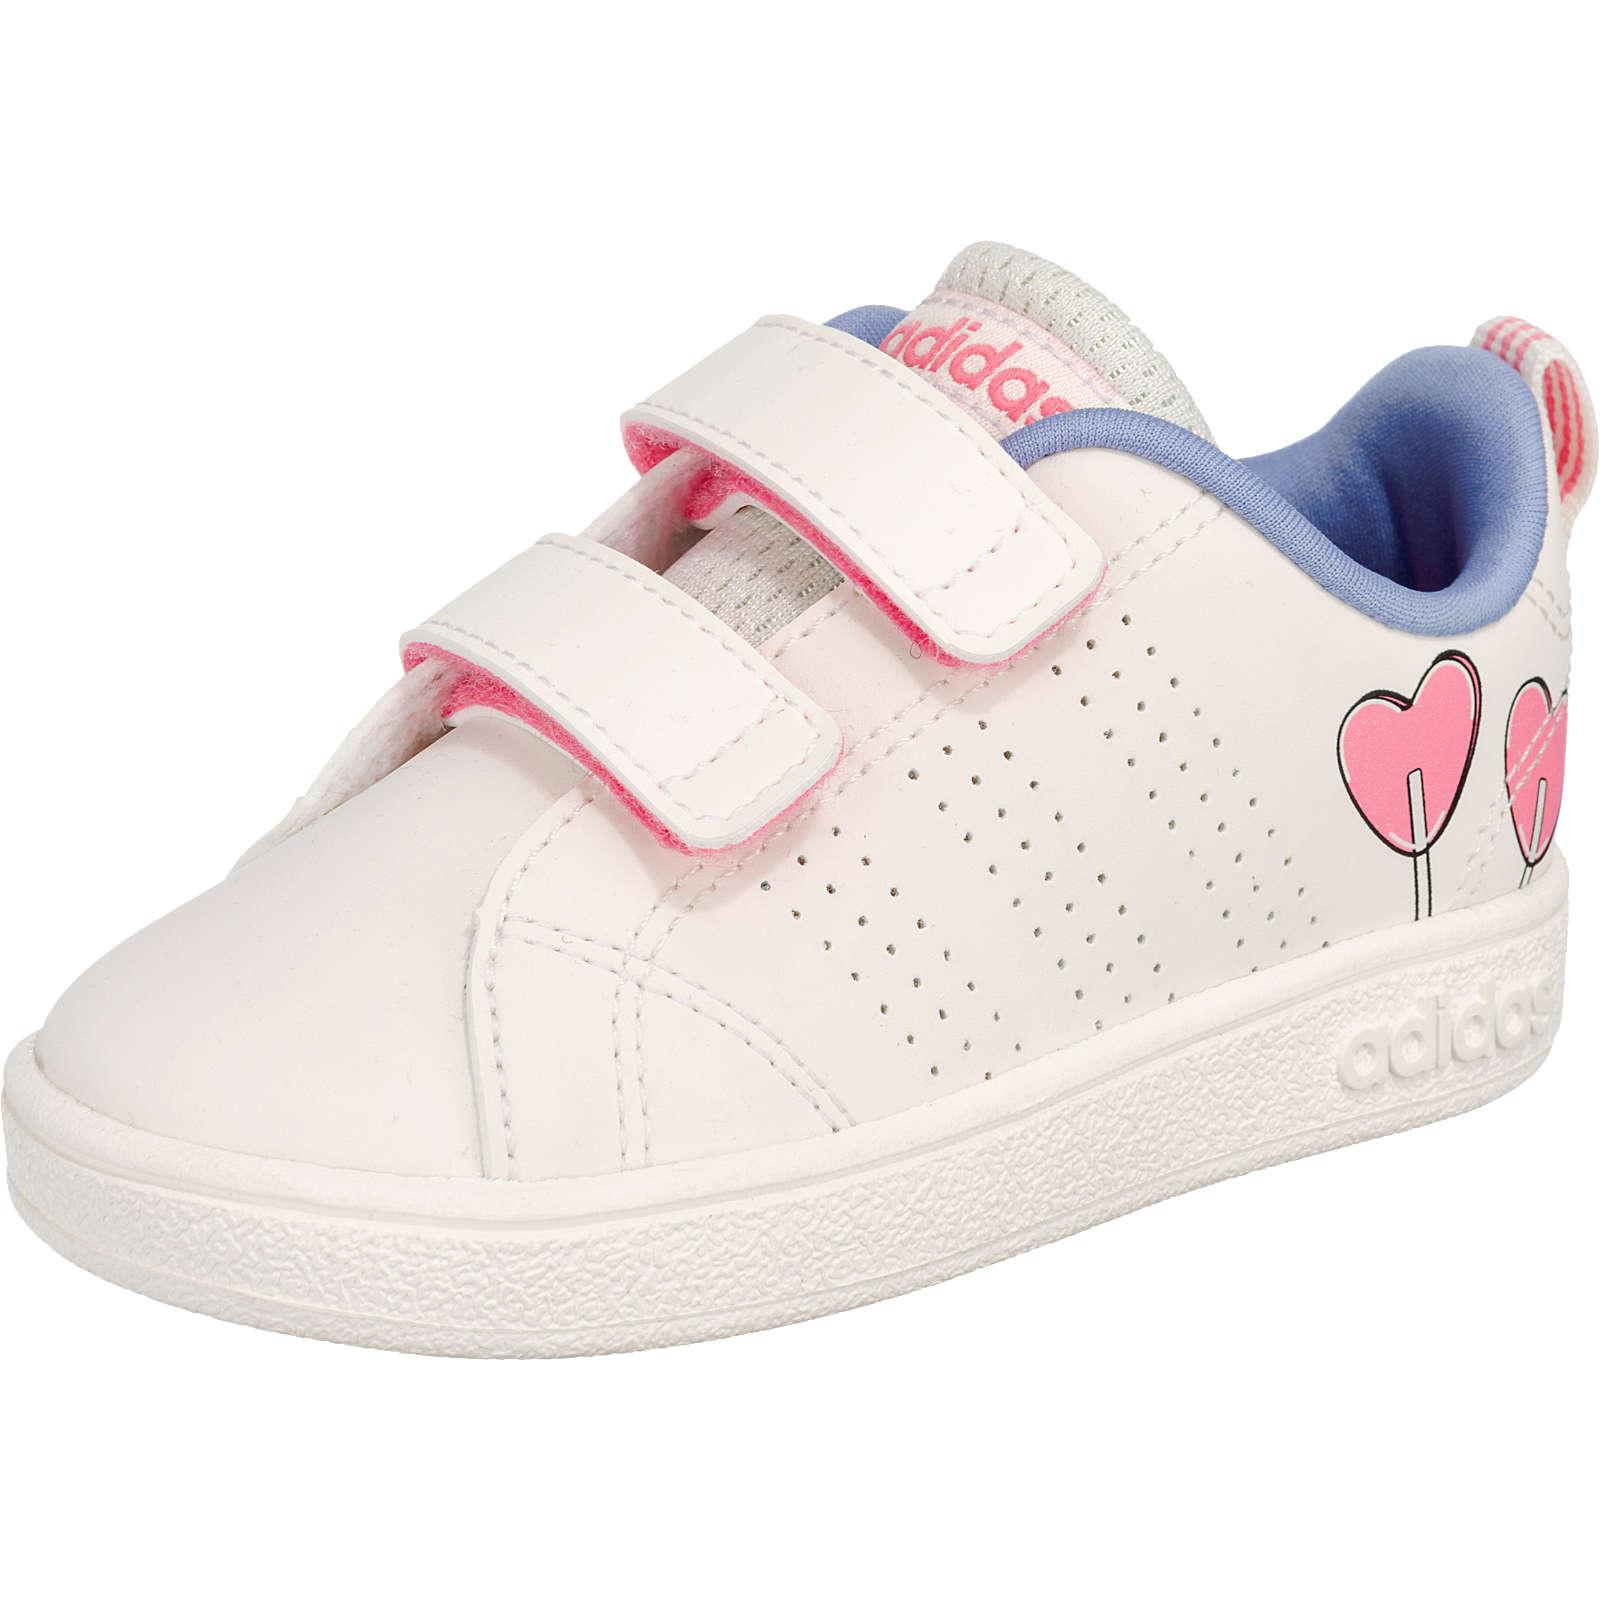 adidas Sport Inspired Baby Sneaker VS ADV CL CMF INF für Mädchen creme Mädchen Gr. 25